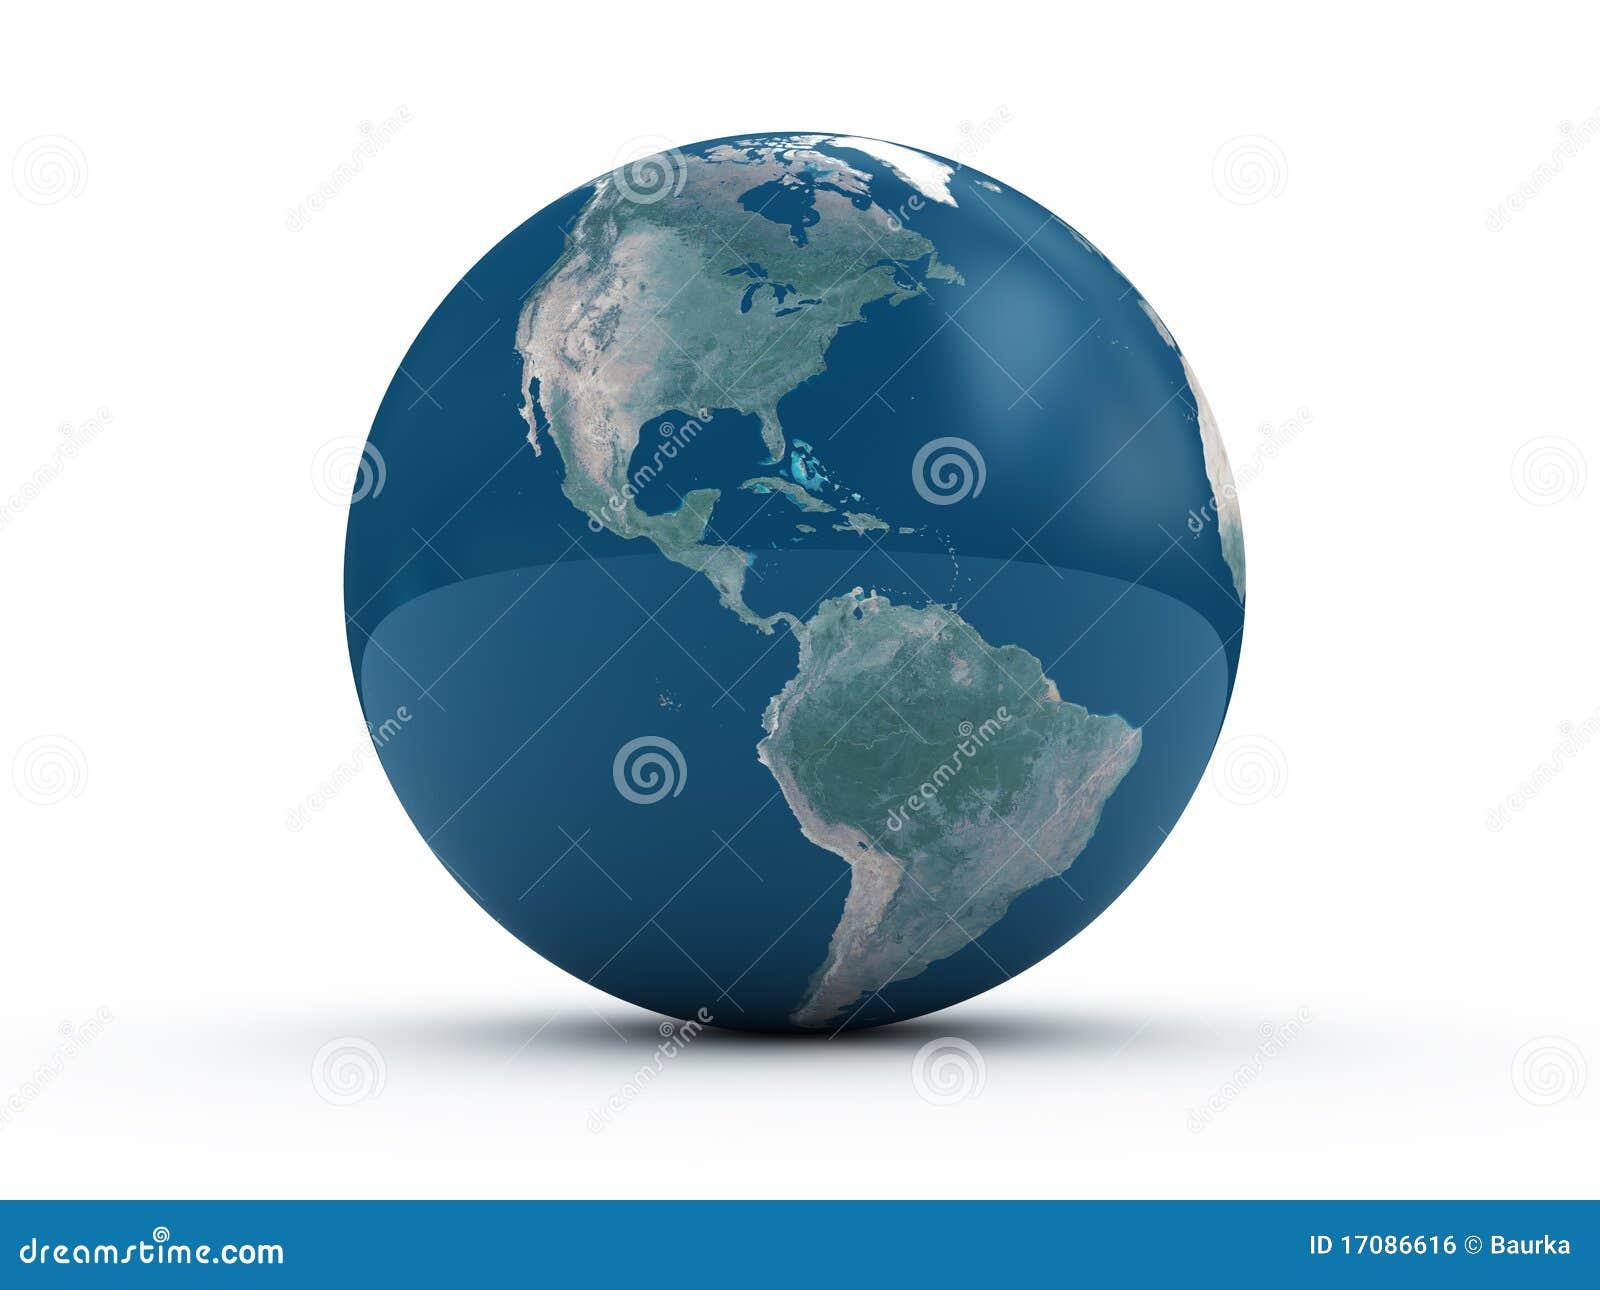 Erde auf dem Fußboden